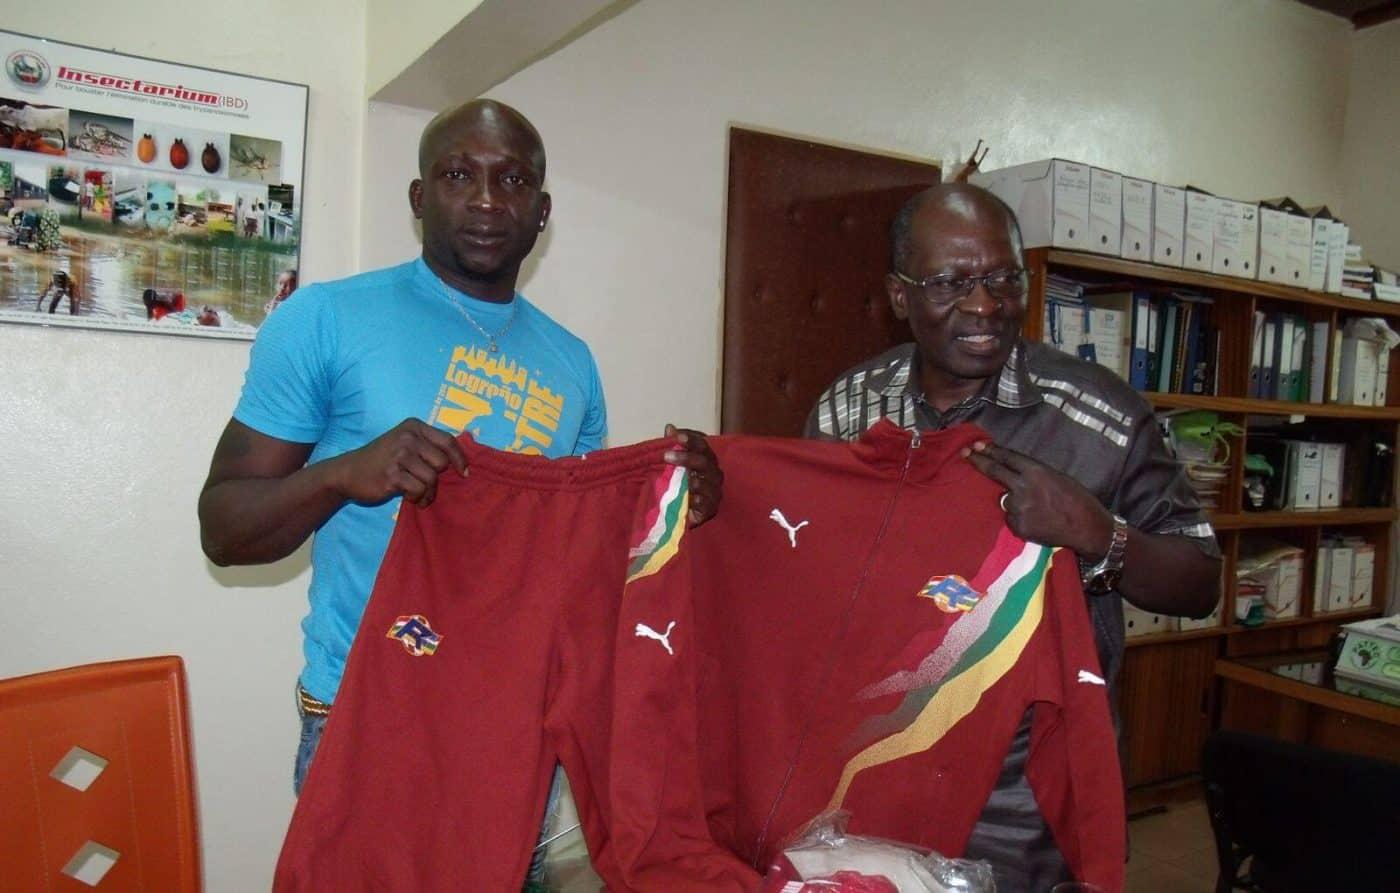 La Escuela Bên Kadi de Burkina Faso recibe el material donado por la Federación Riojana de Fútbol 1